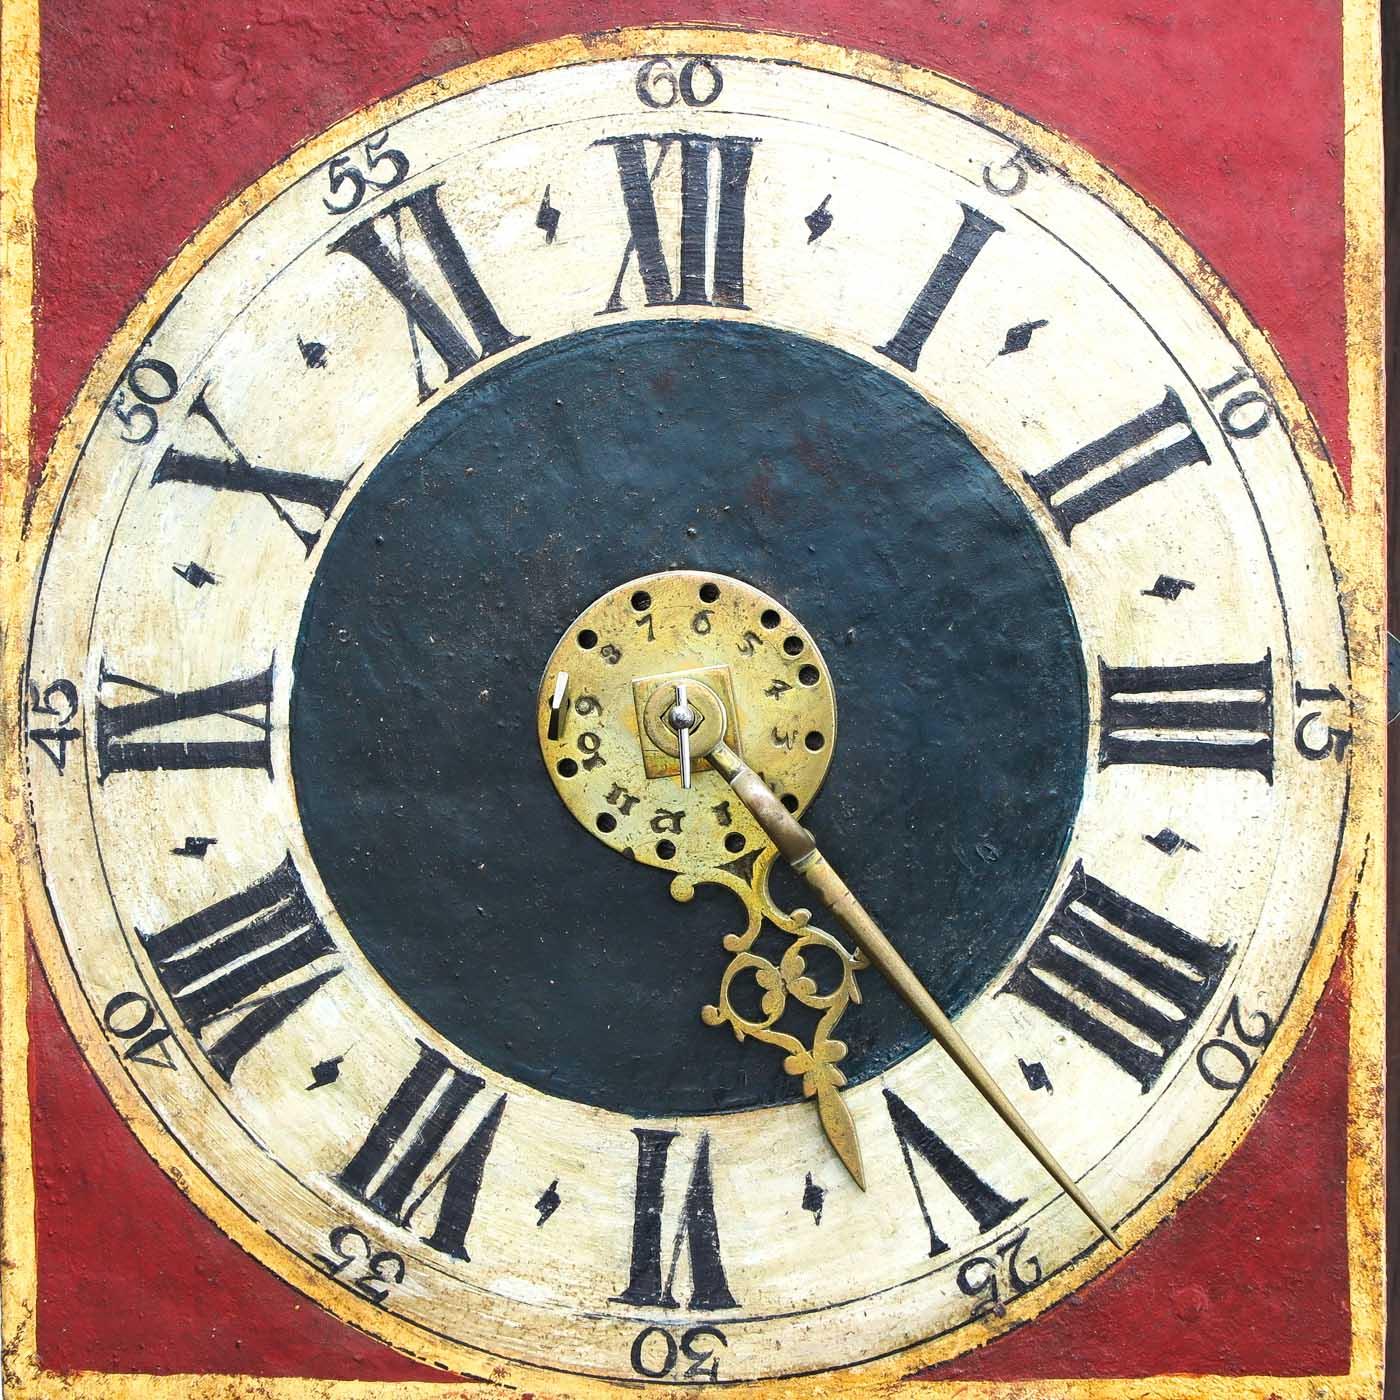 Lot 1030 - A Signed Ruempol Lauren Clock 1754